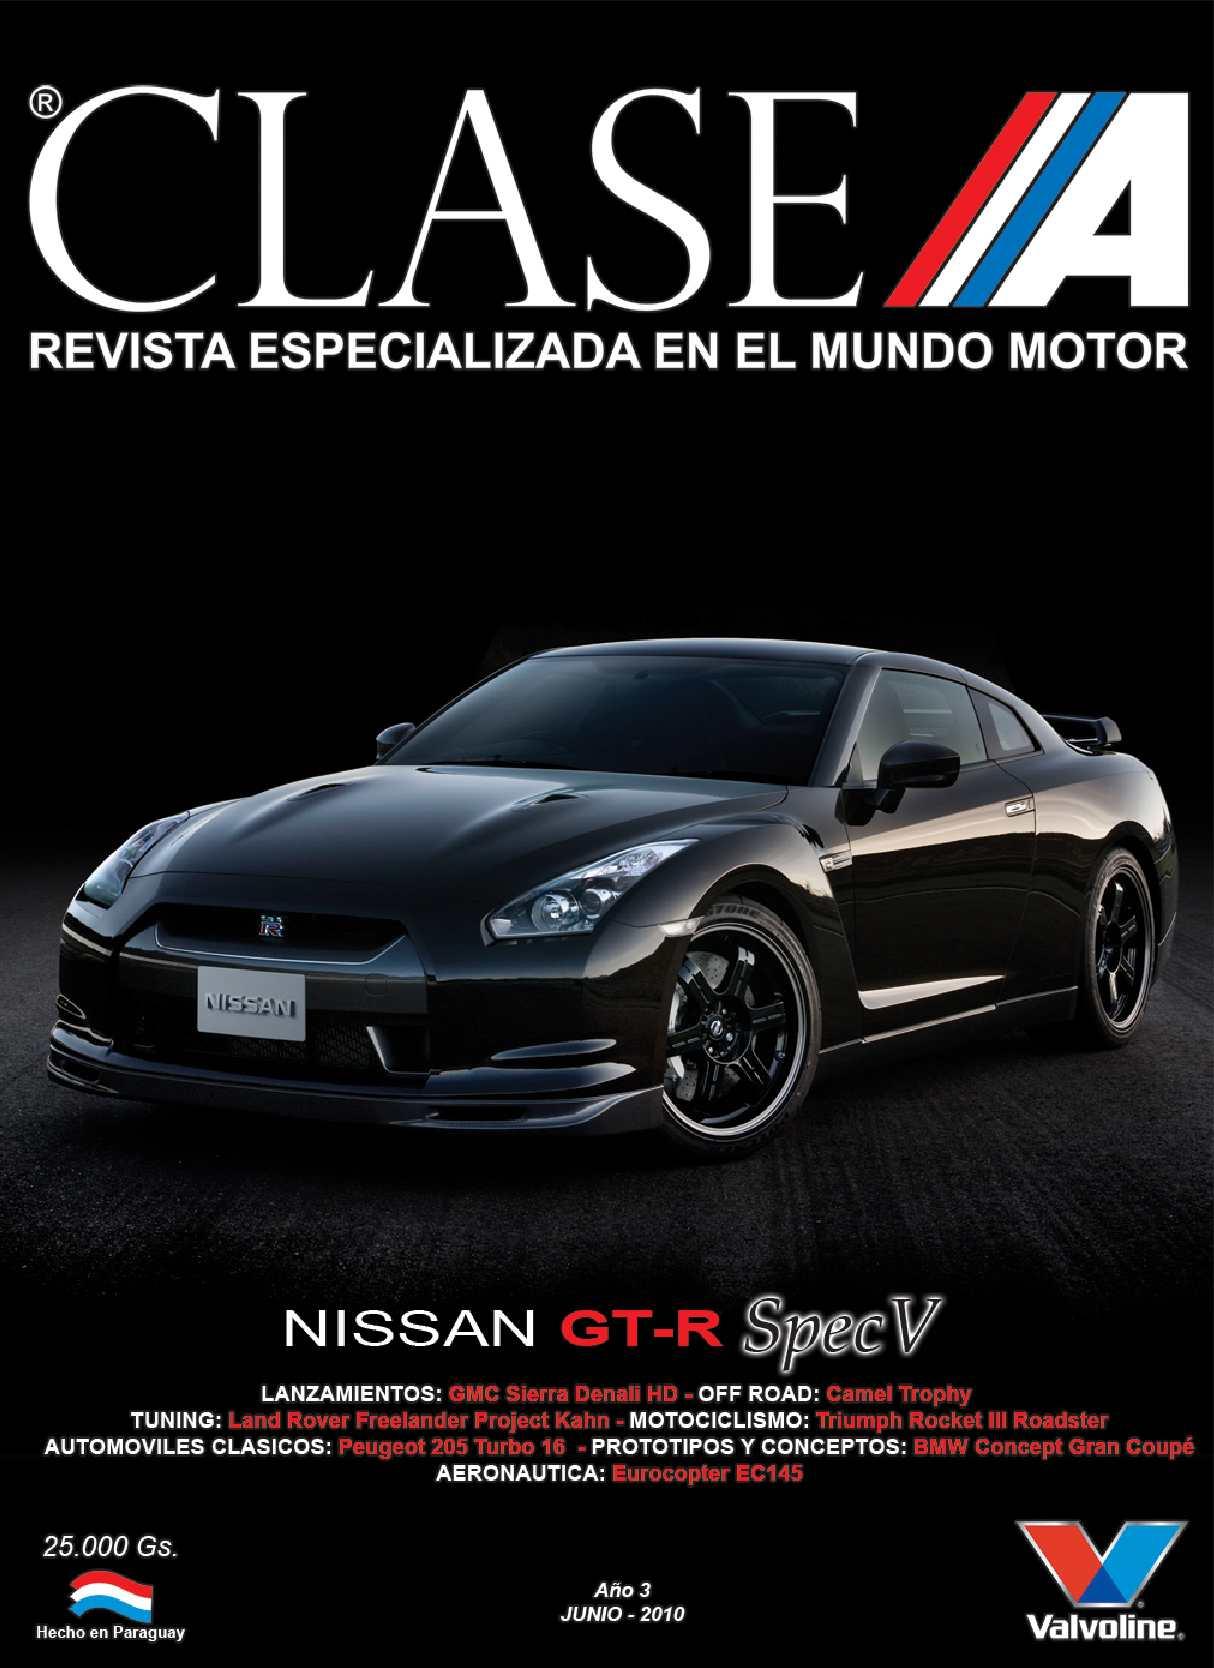 Nissan 280 300 C Carro Pesado Acero específicas ajuste exacto Barras De Techo Riel # 200